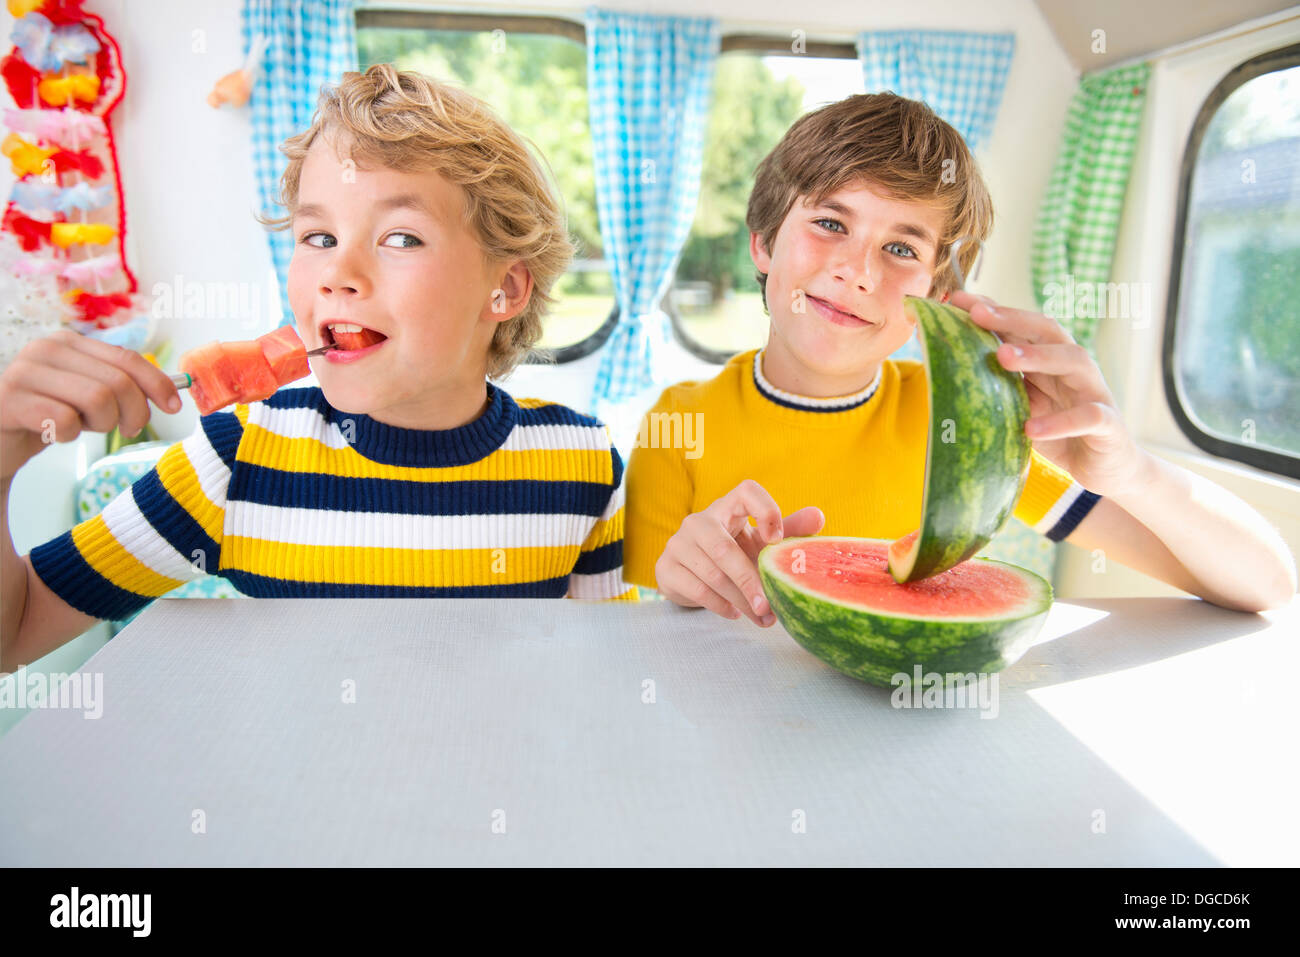 Ragazzi mangiare anguria in caravan, ritratto Immagini Stock